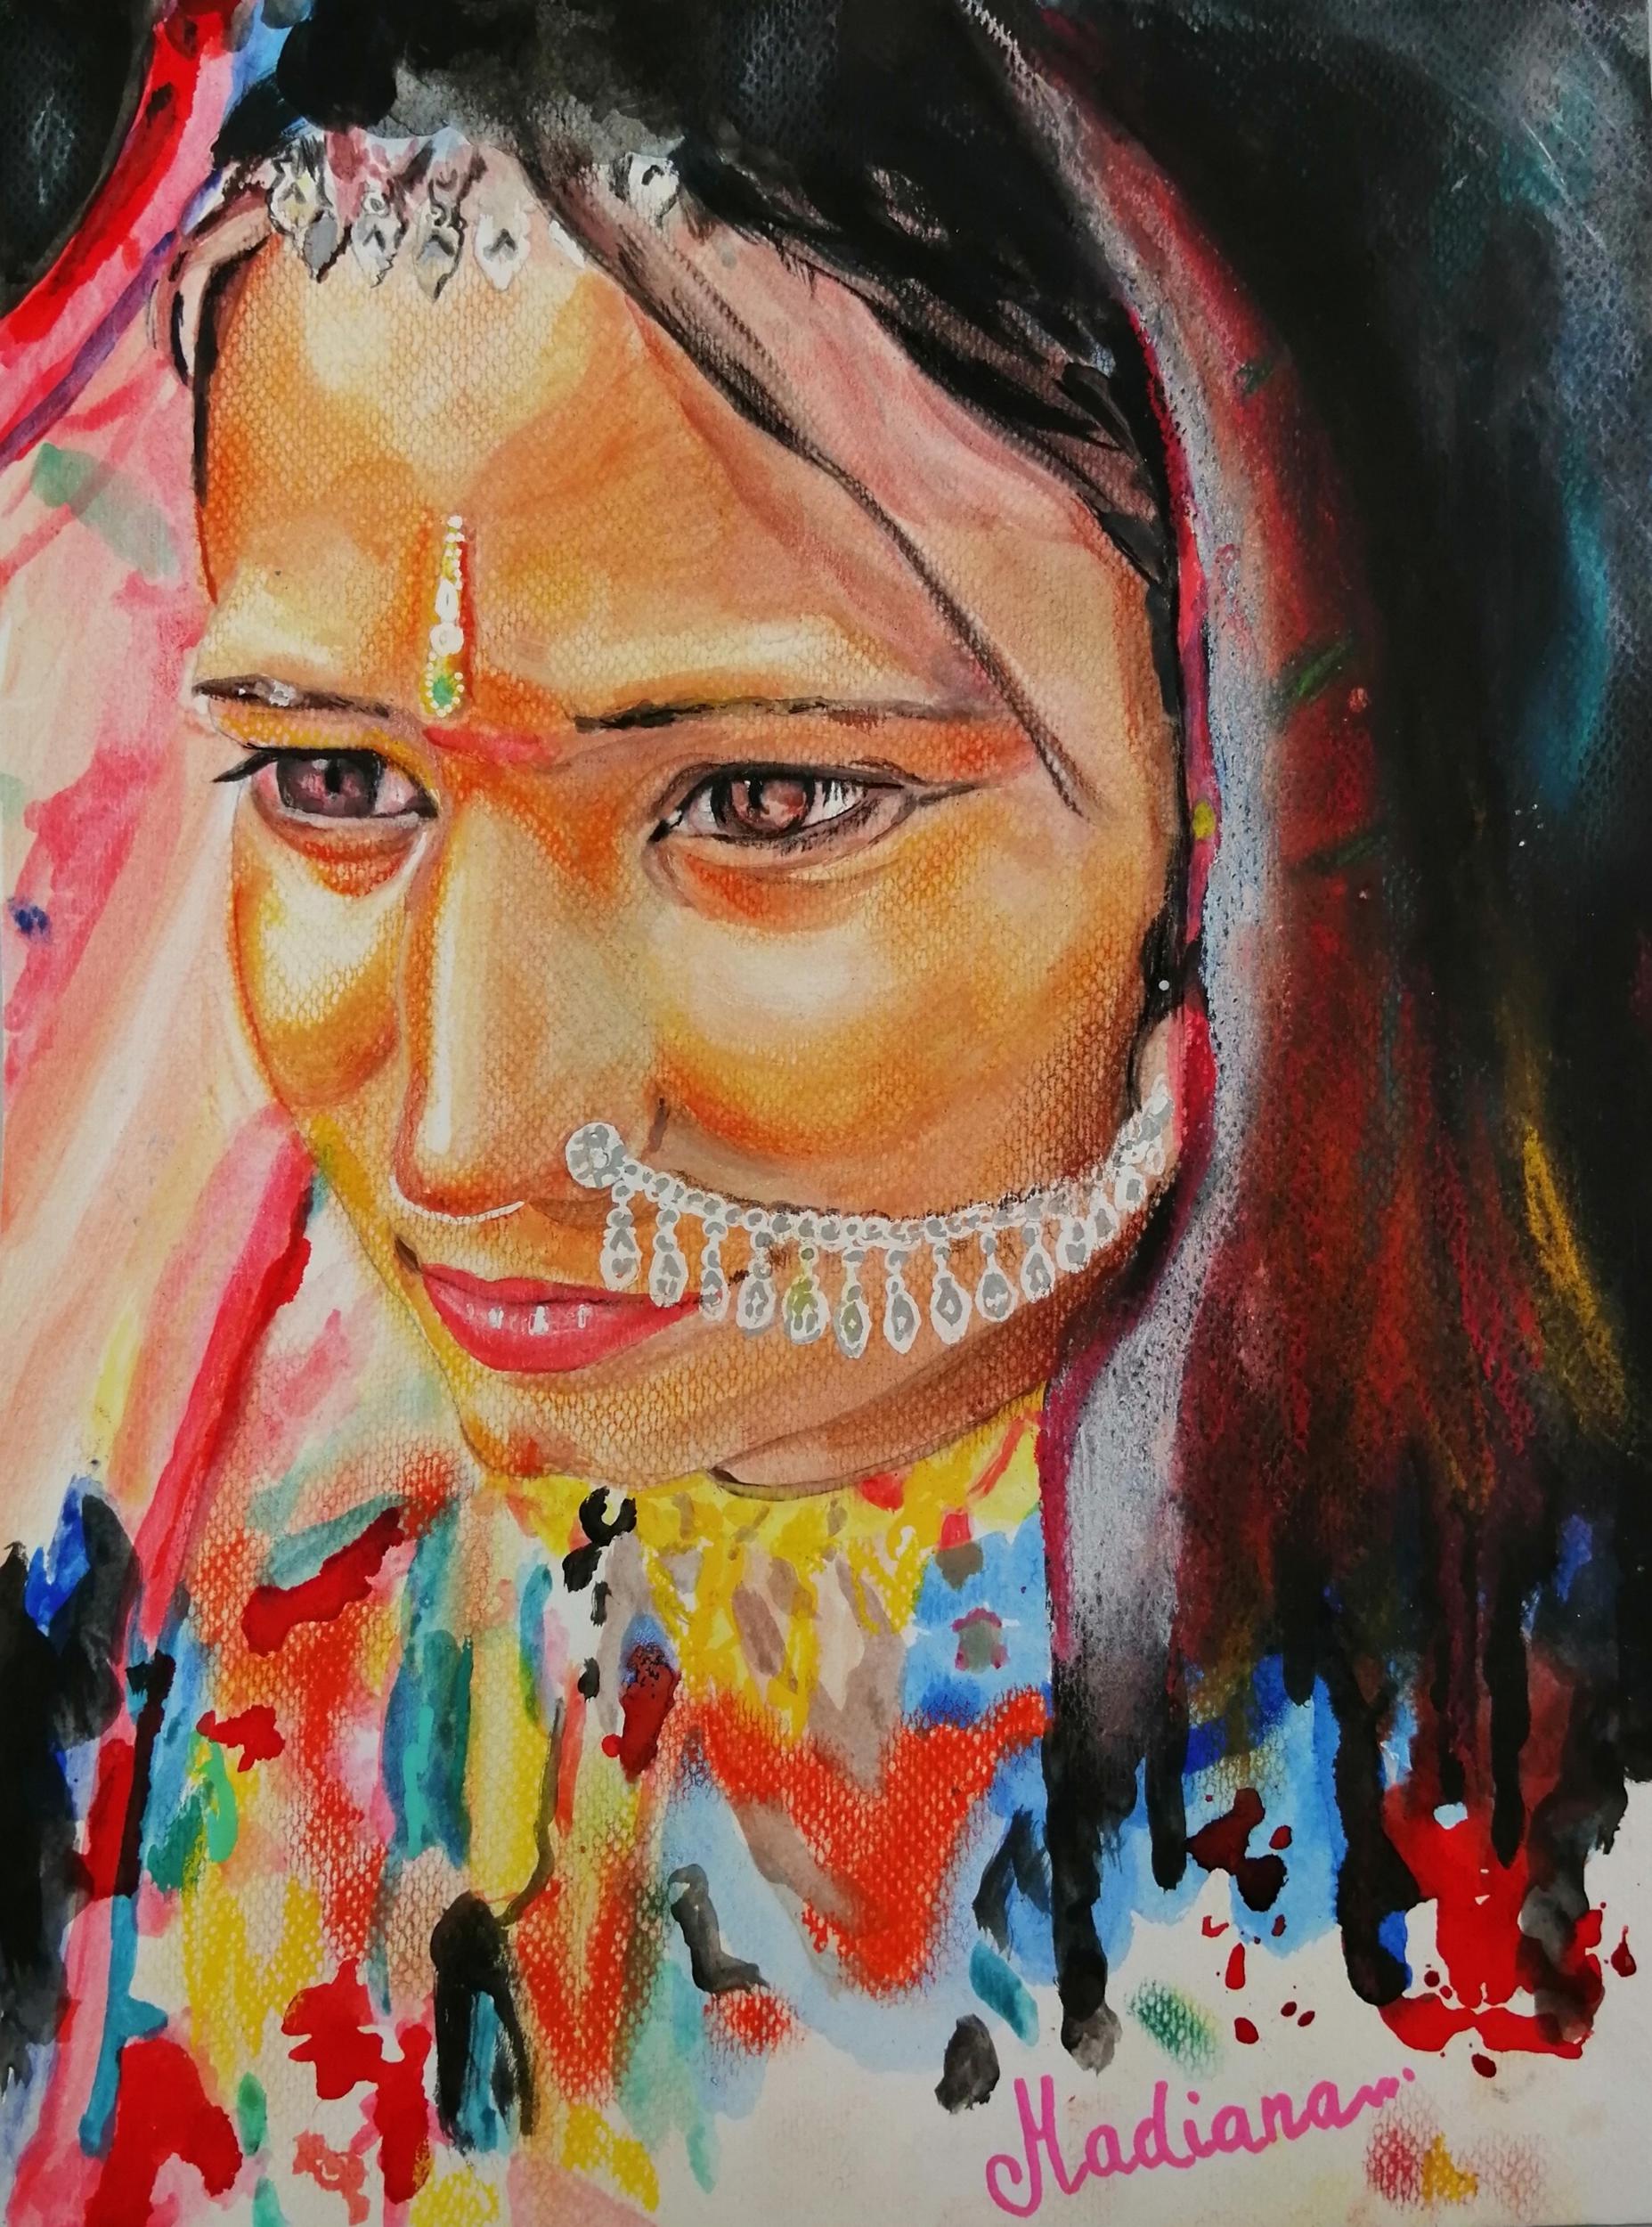 affiche poster artiste indienne multicolore fusain pastel aquarelle